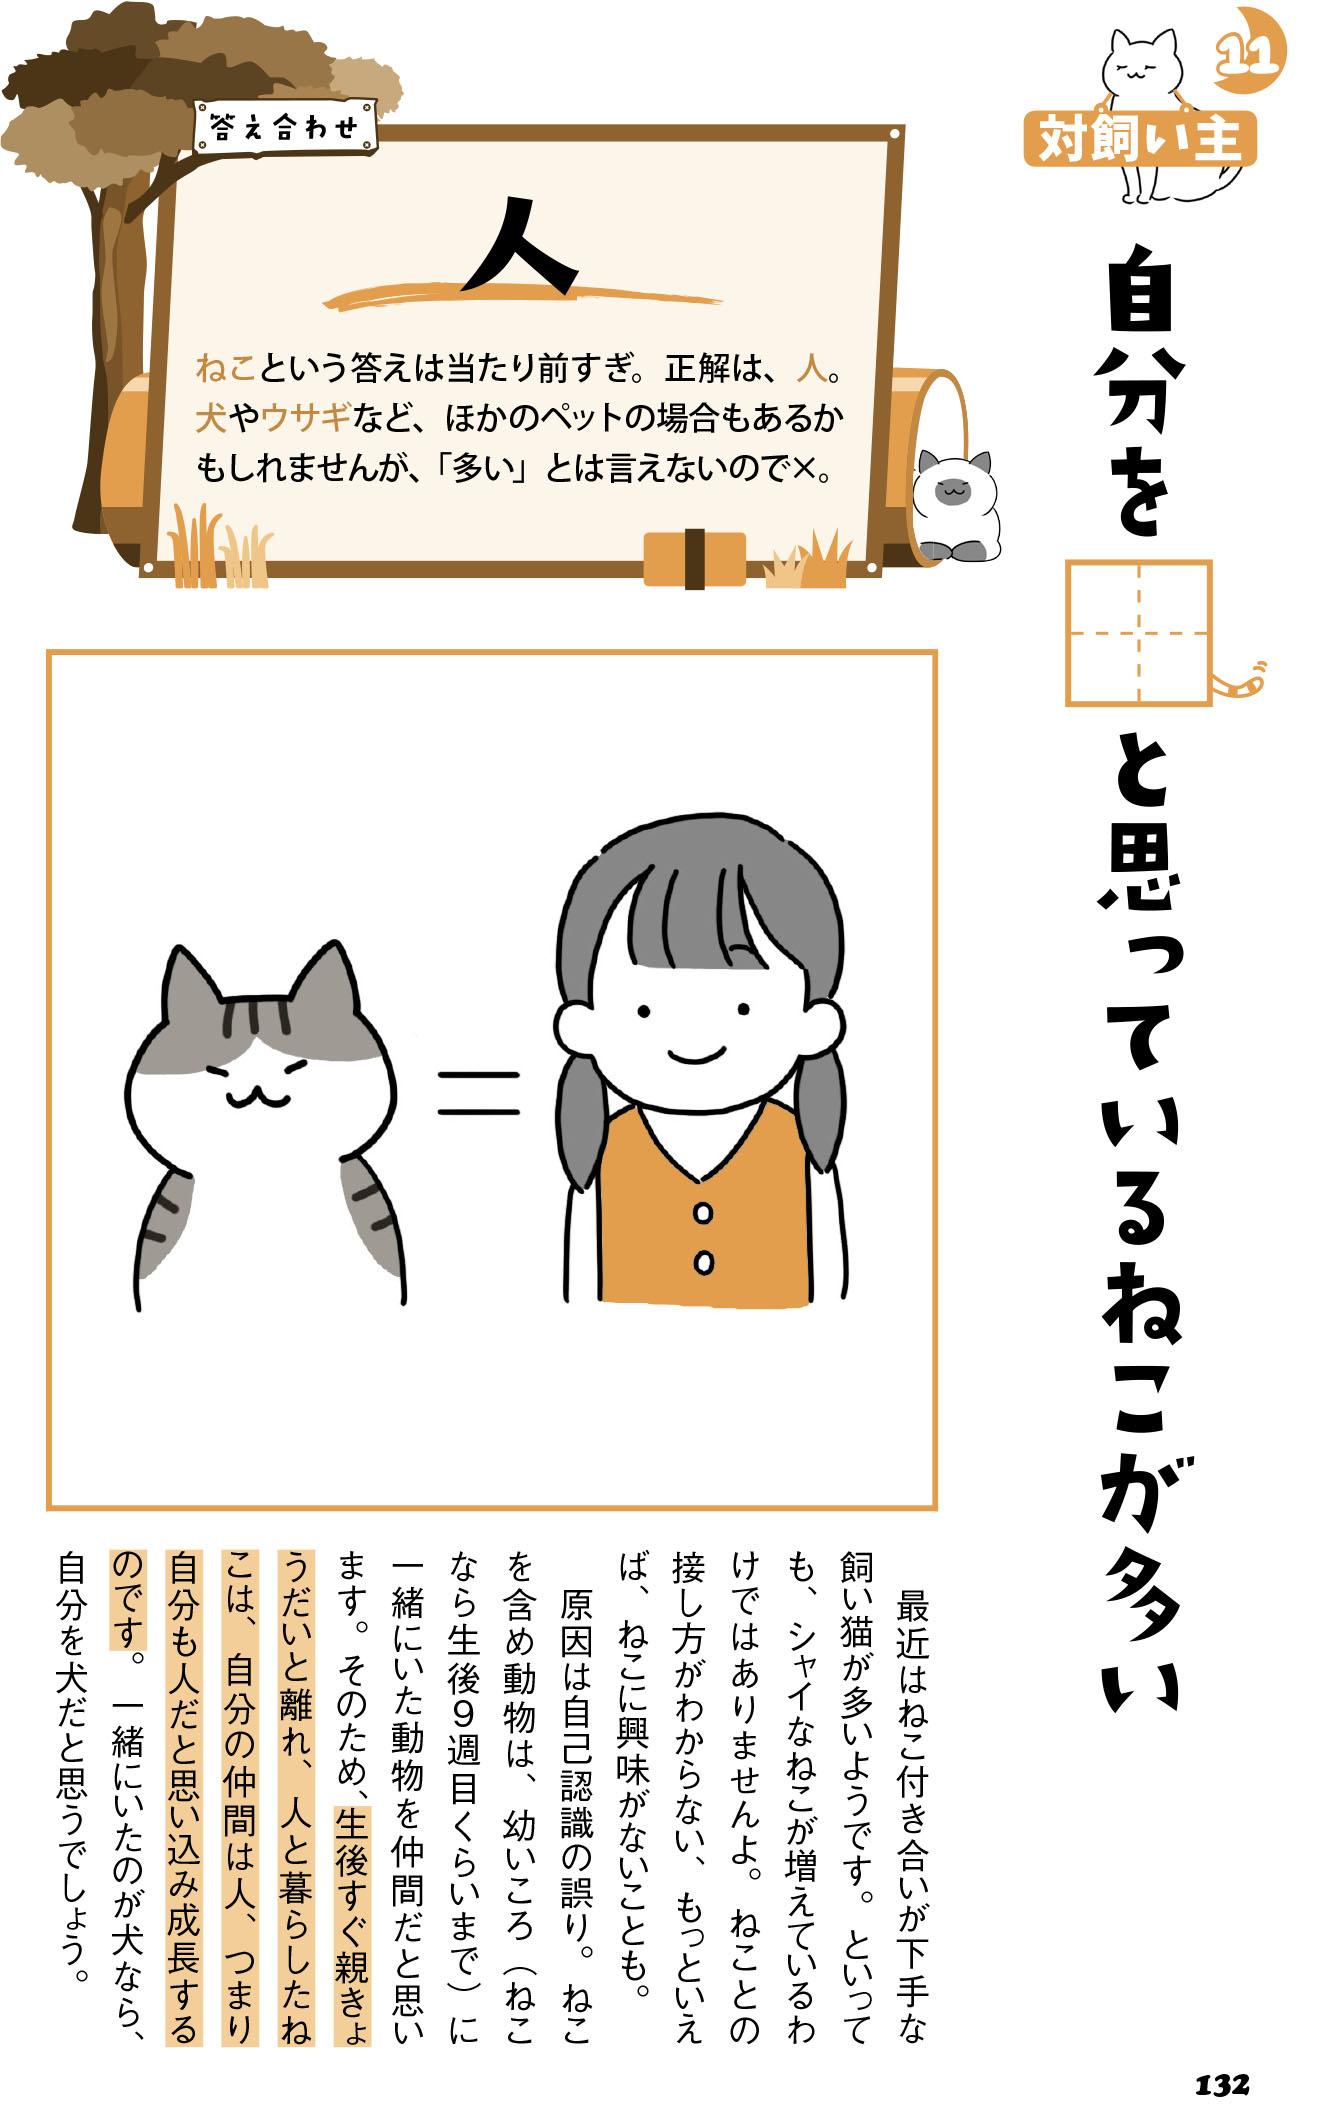 『にゃんこドリル』P132